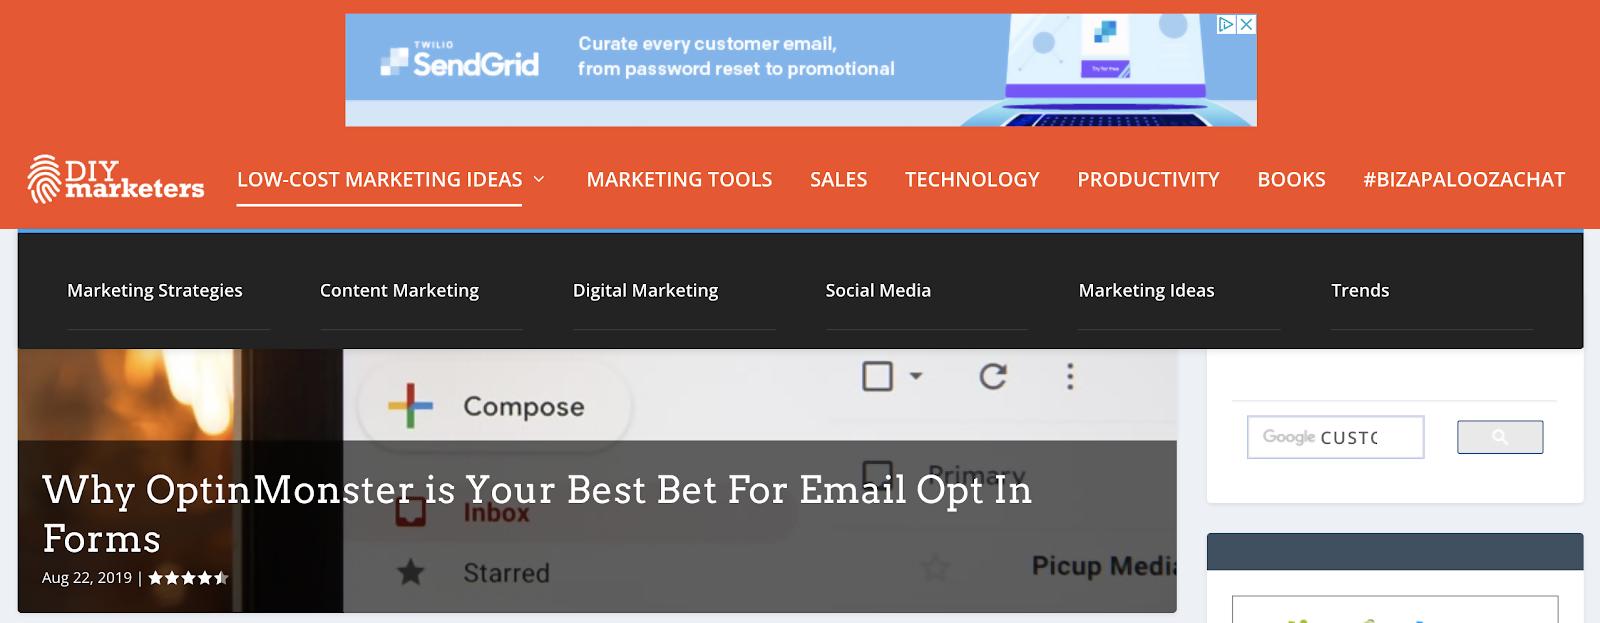 Website navigation screenshot from DIY Marketers.